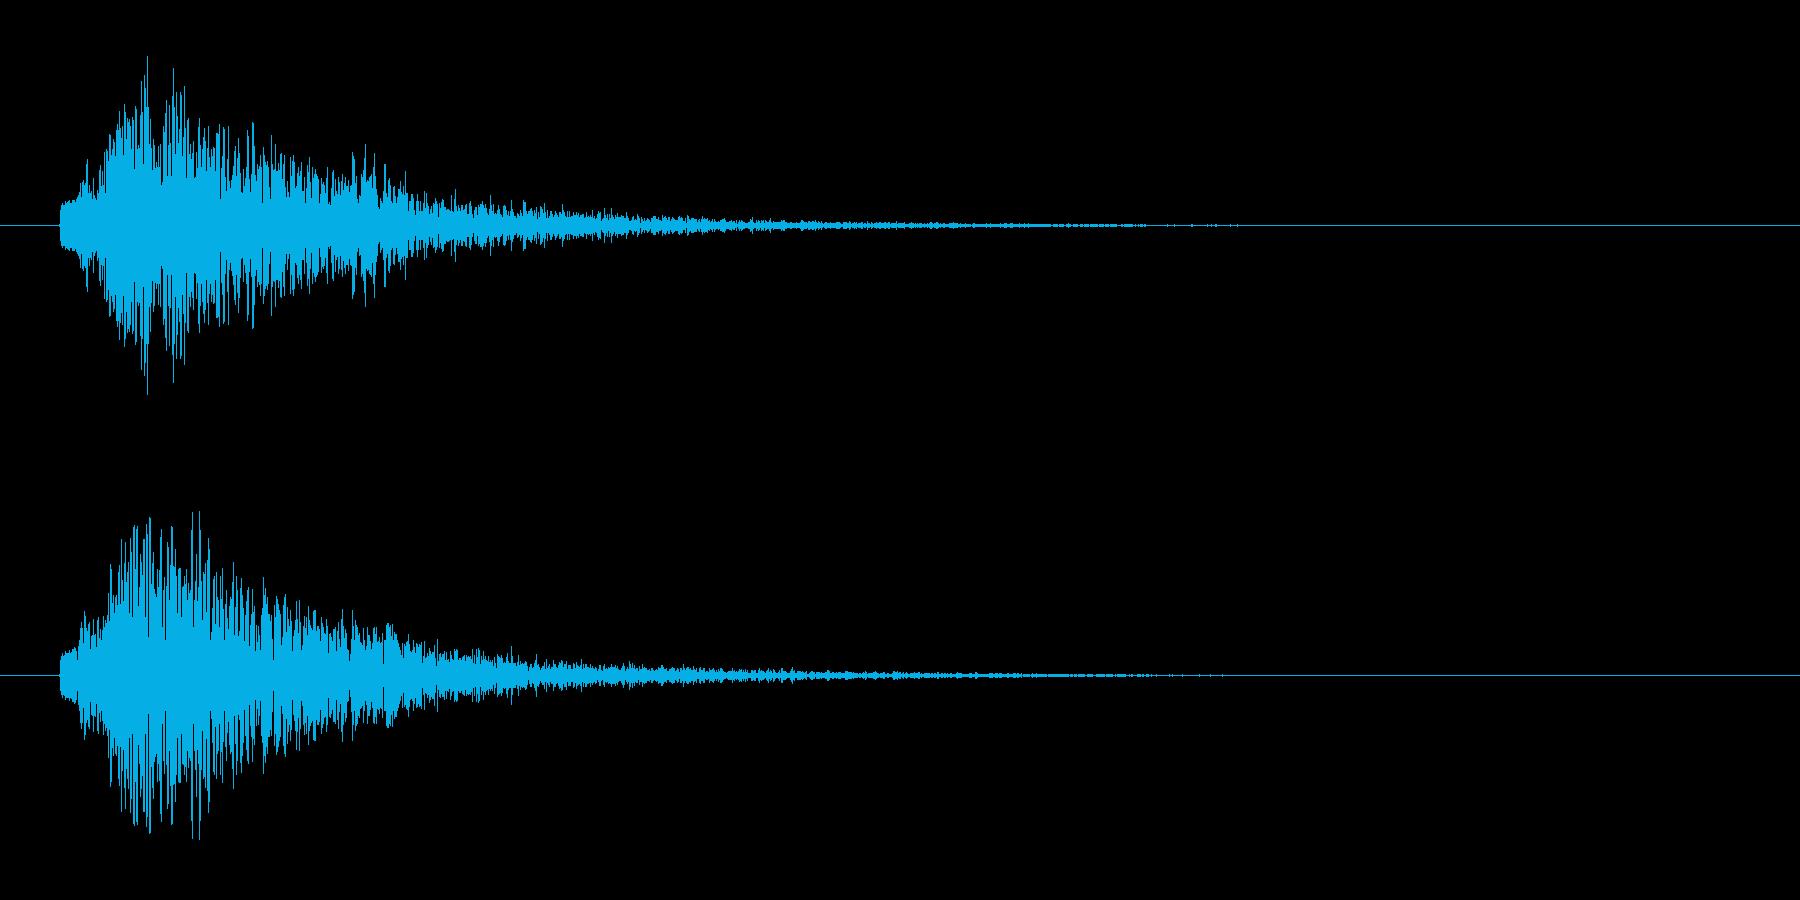 ぴゅーん ピューン ぴゅー ピューの再生済みの波形